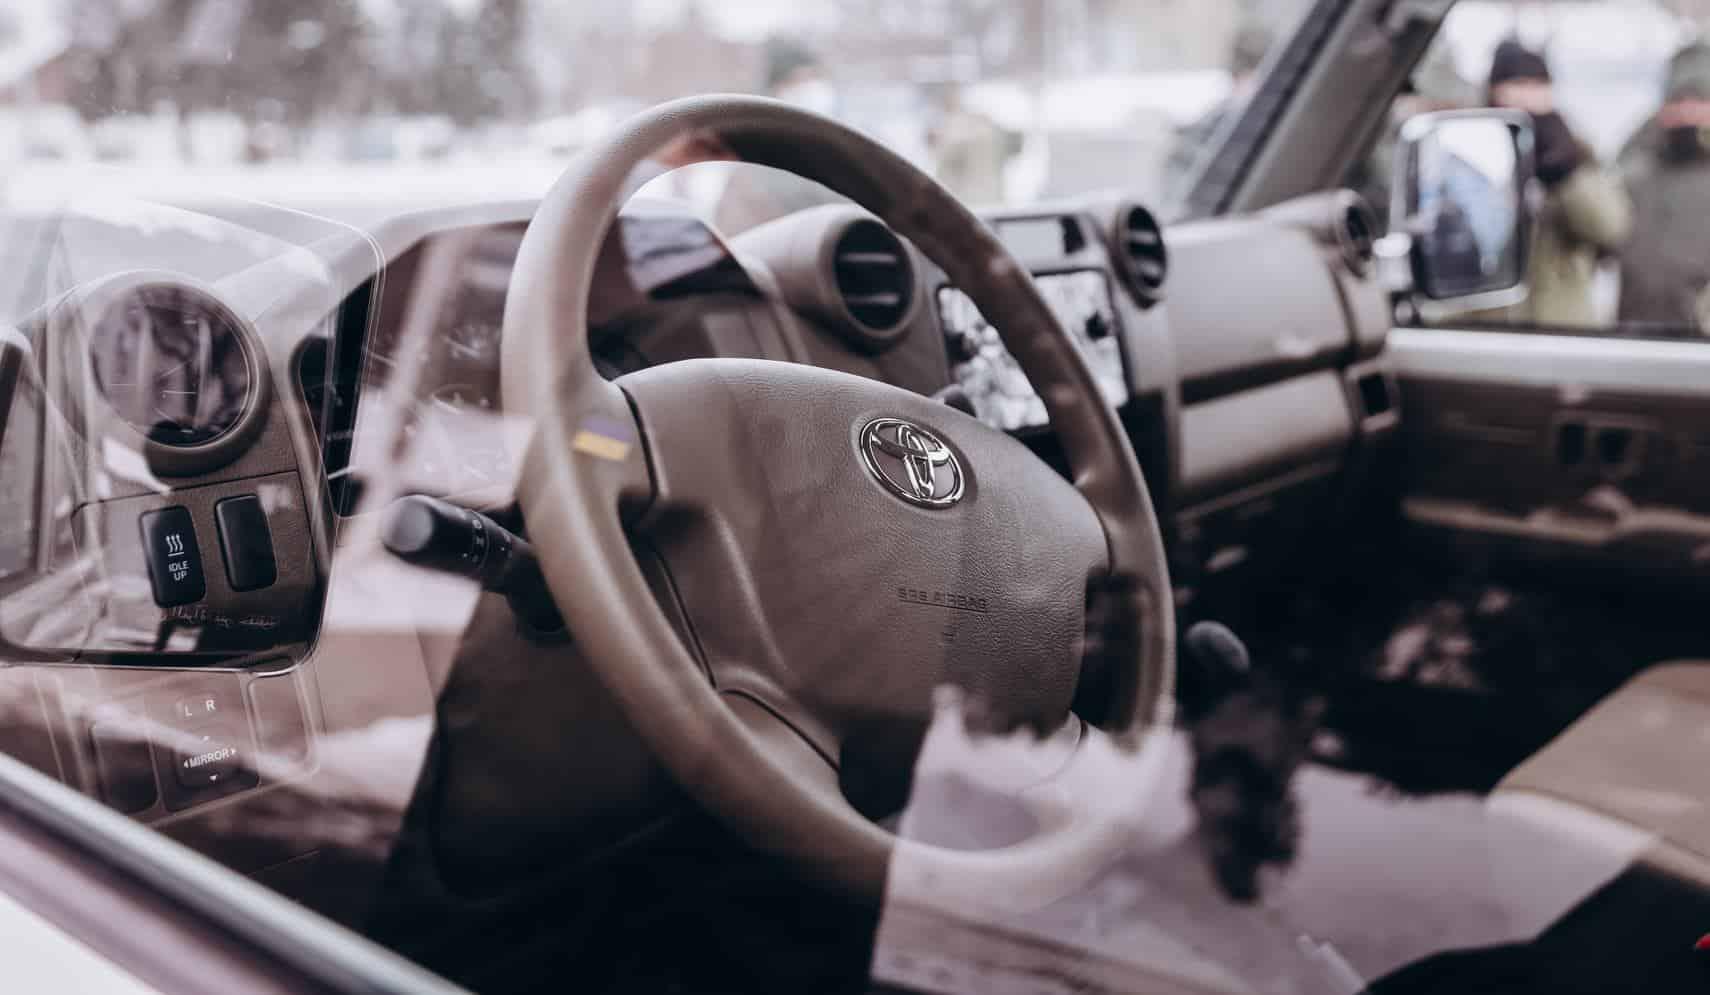 Нацгвардія отримала автотехніку Toyota та Ford. Січень 2021. Фото: НГУ